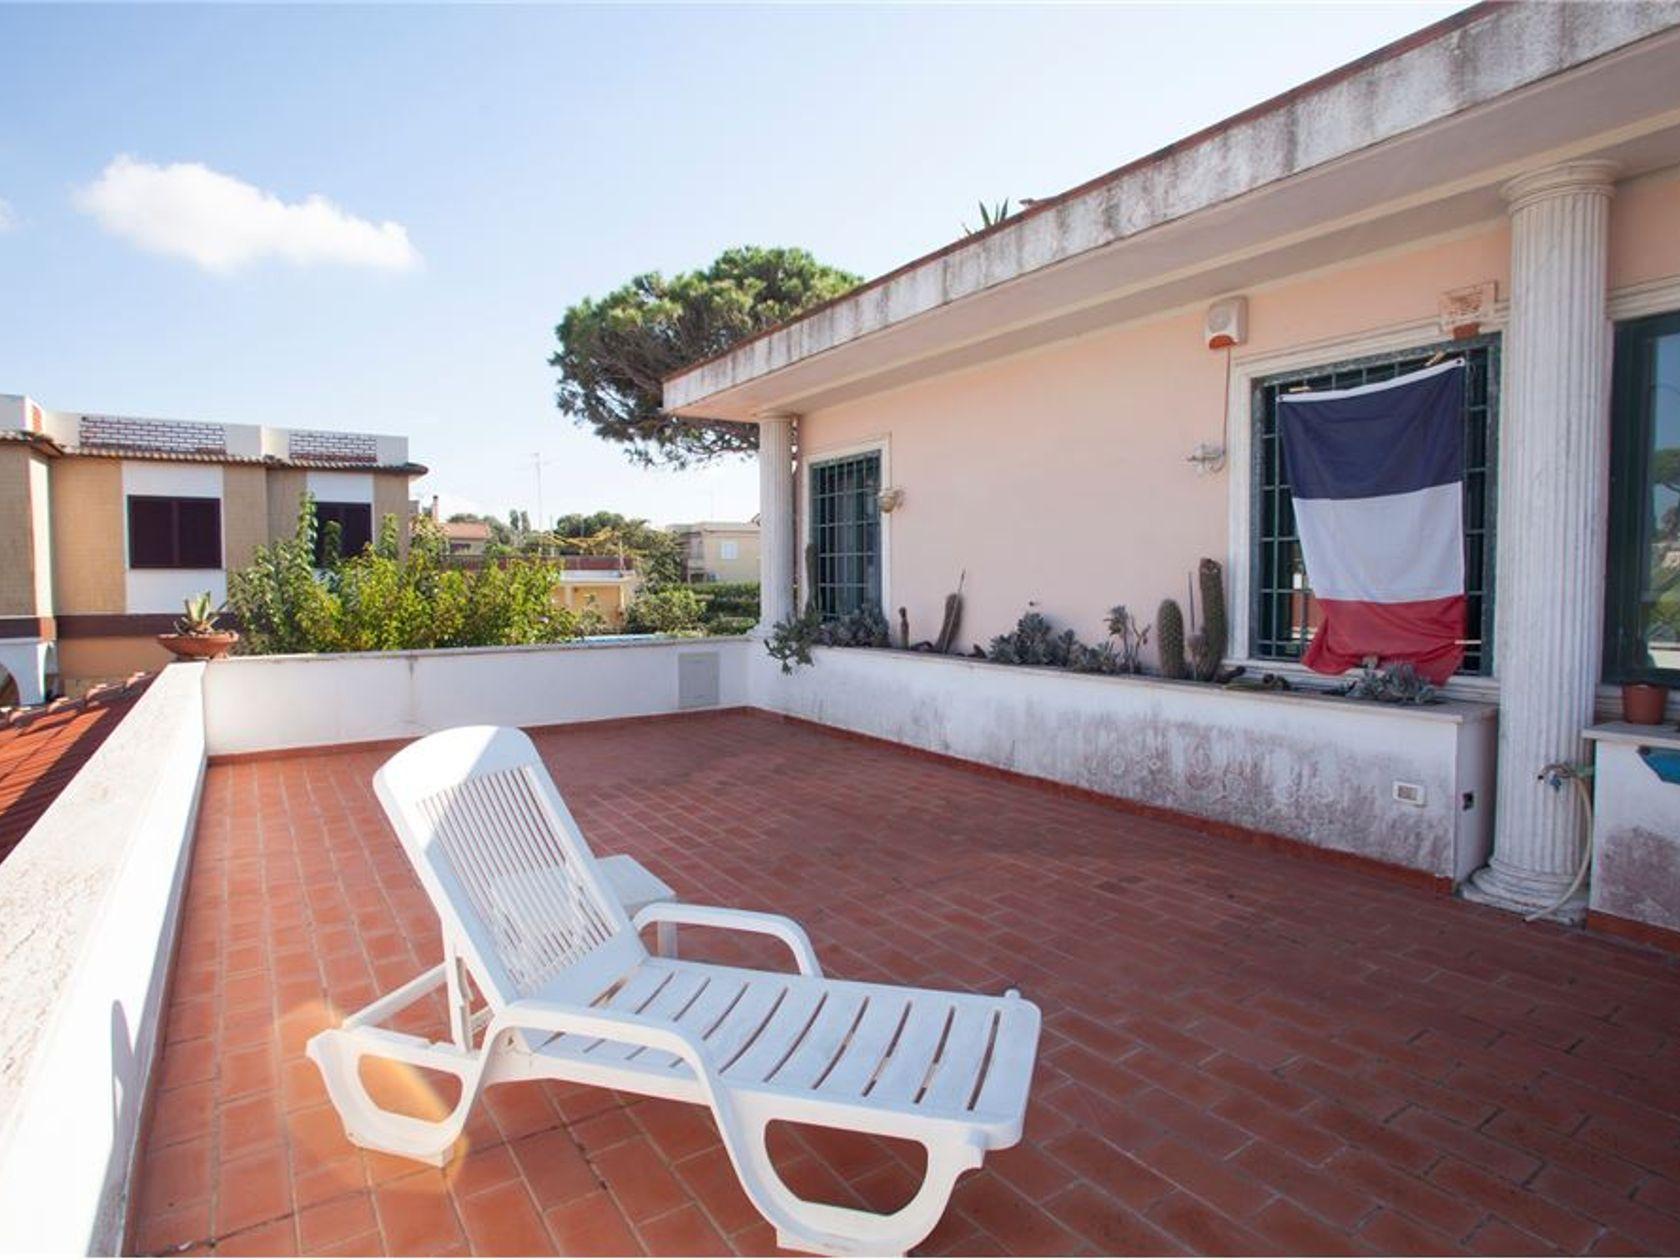 Villa singola Anzio-marechiaro, Anzio, RM Vendita - Foto 17